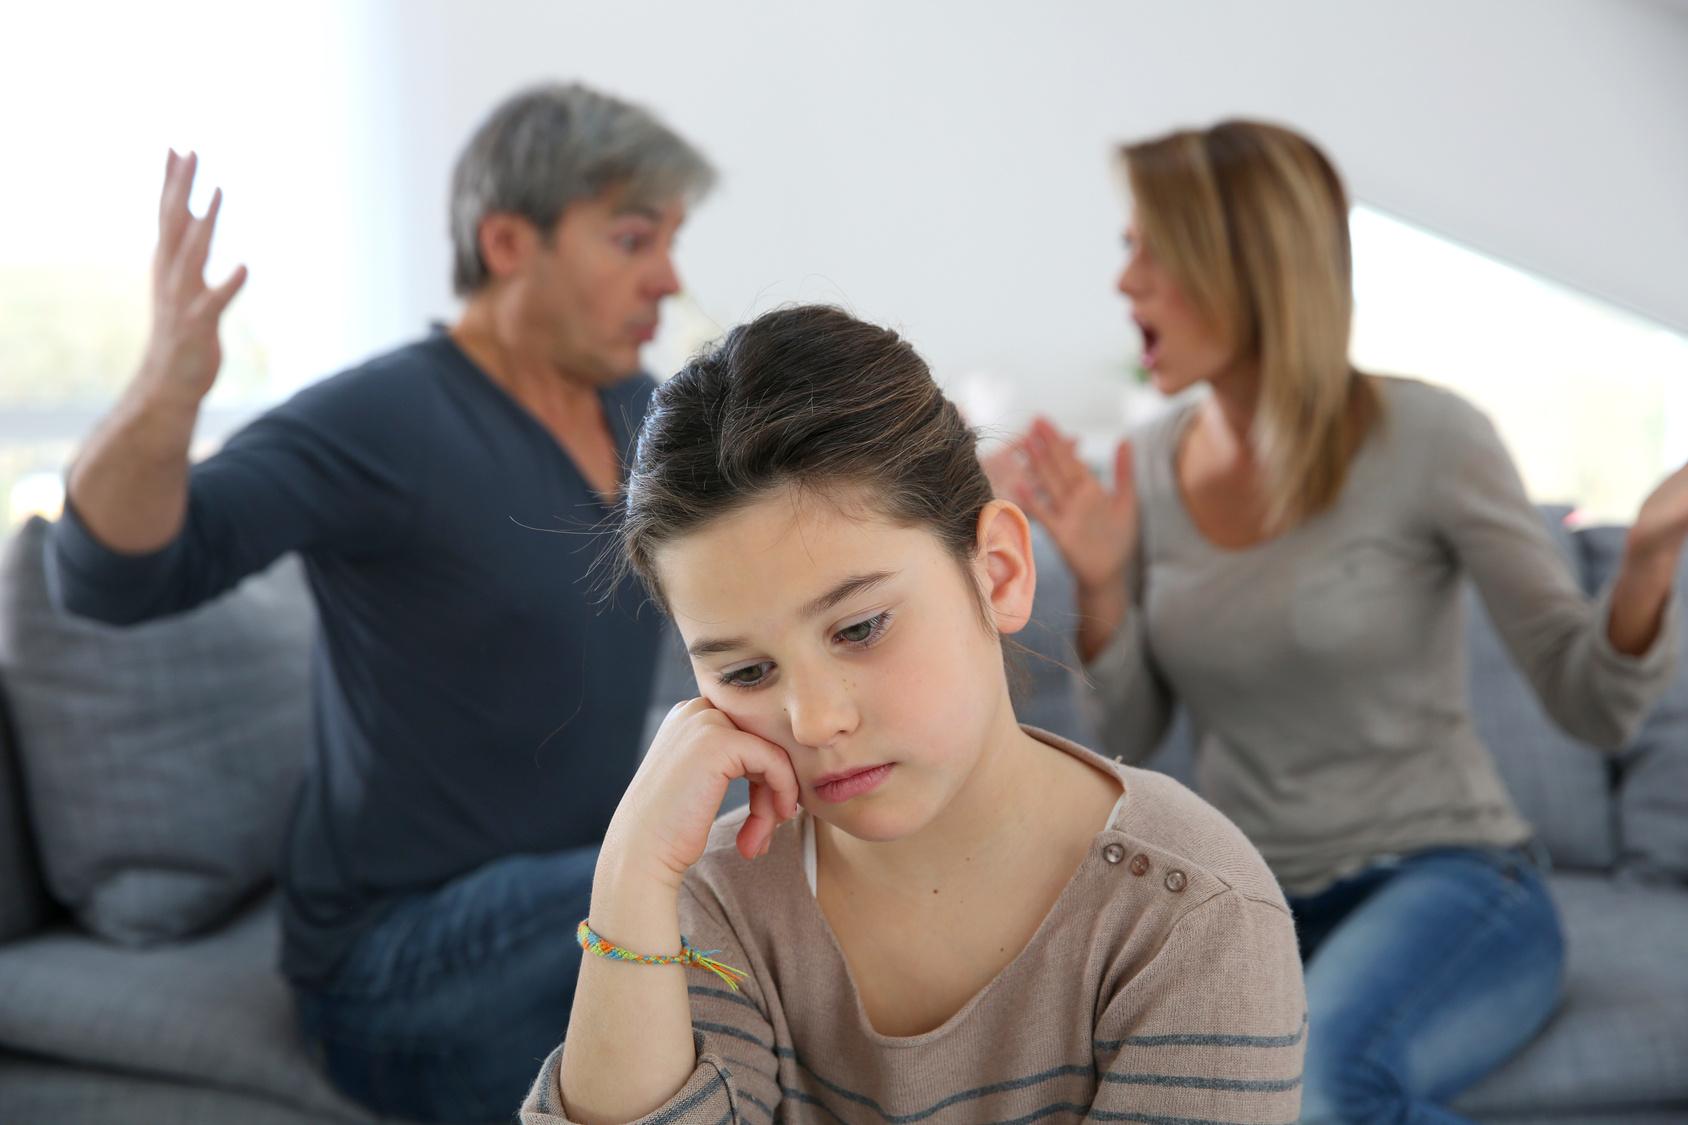 dzieci przy rozwodzie rodziców